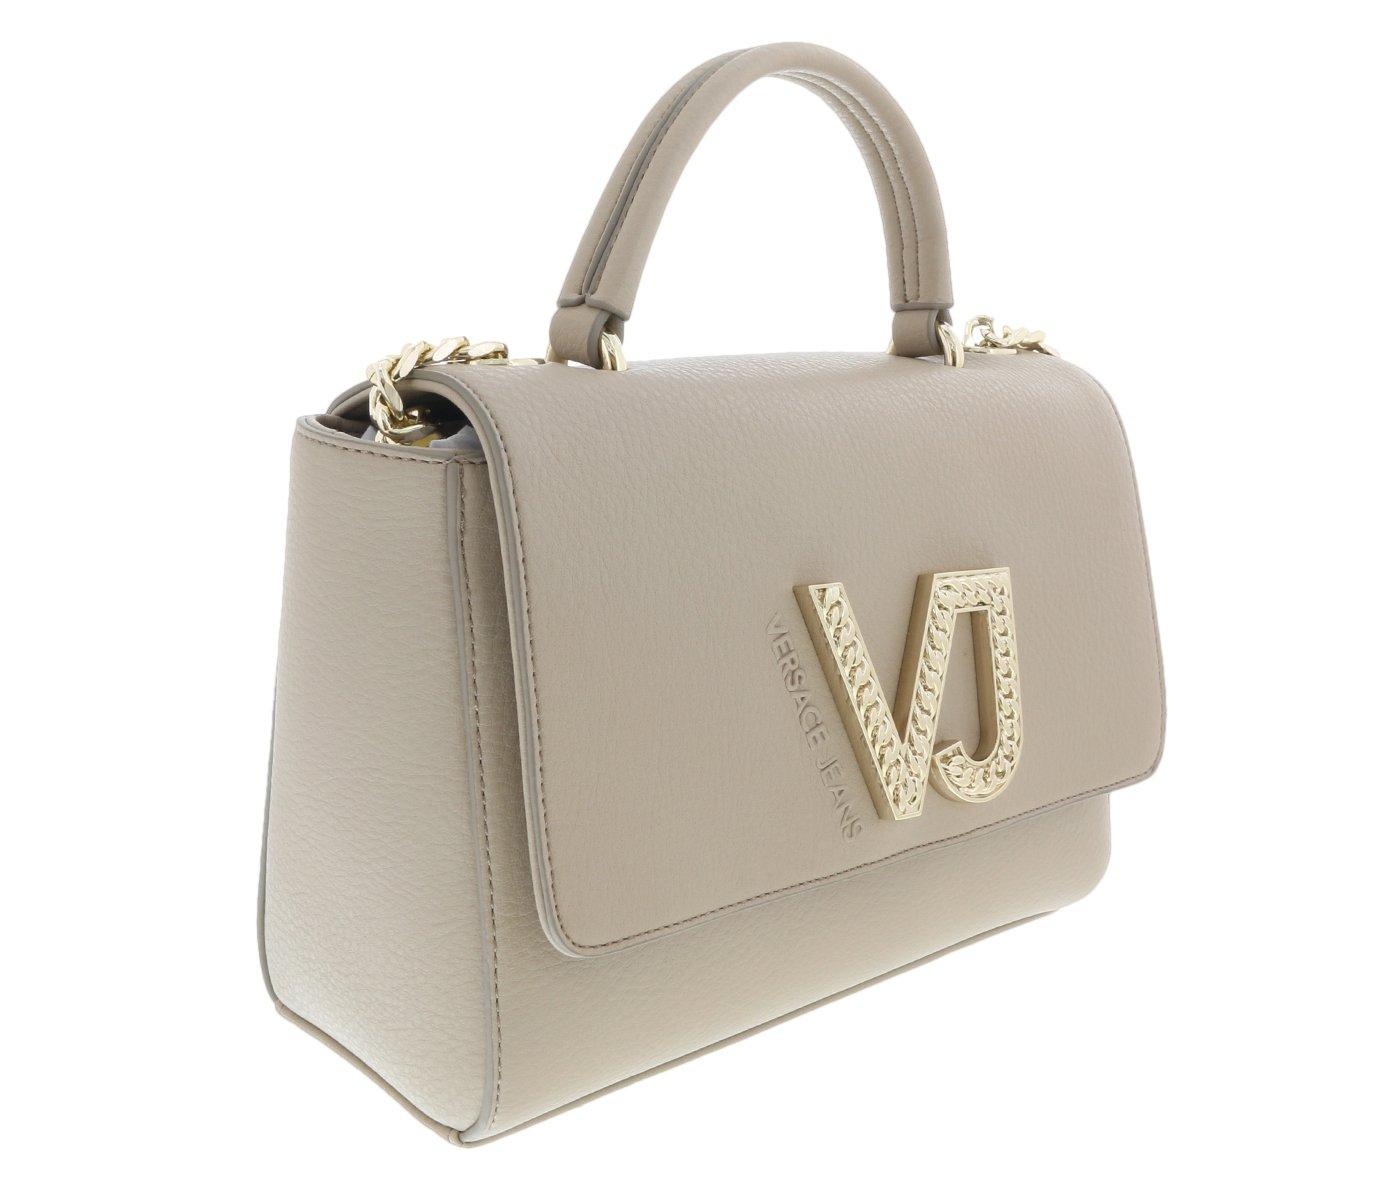 Versace EE1VRBBC6 Beige Top Handle Bag by Versace